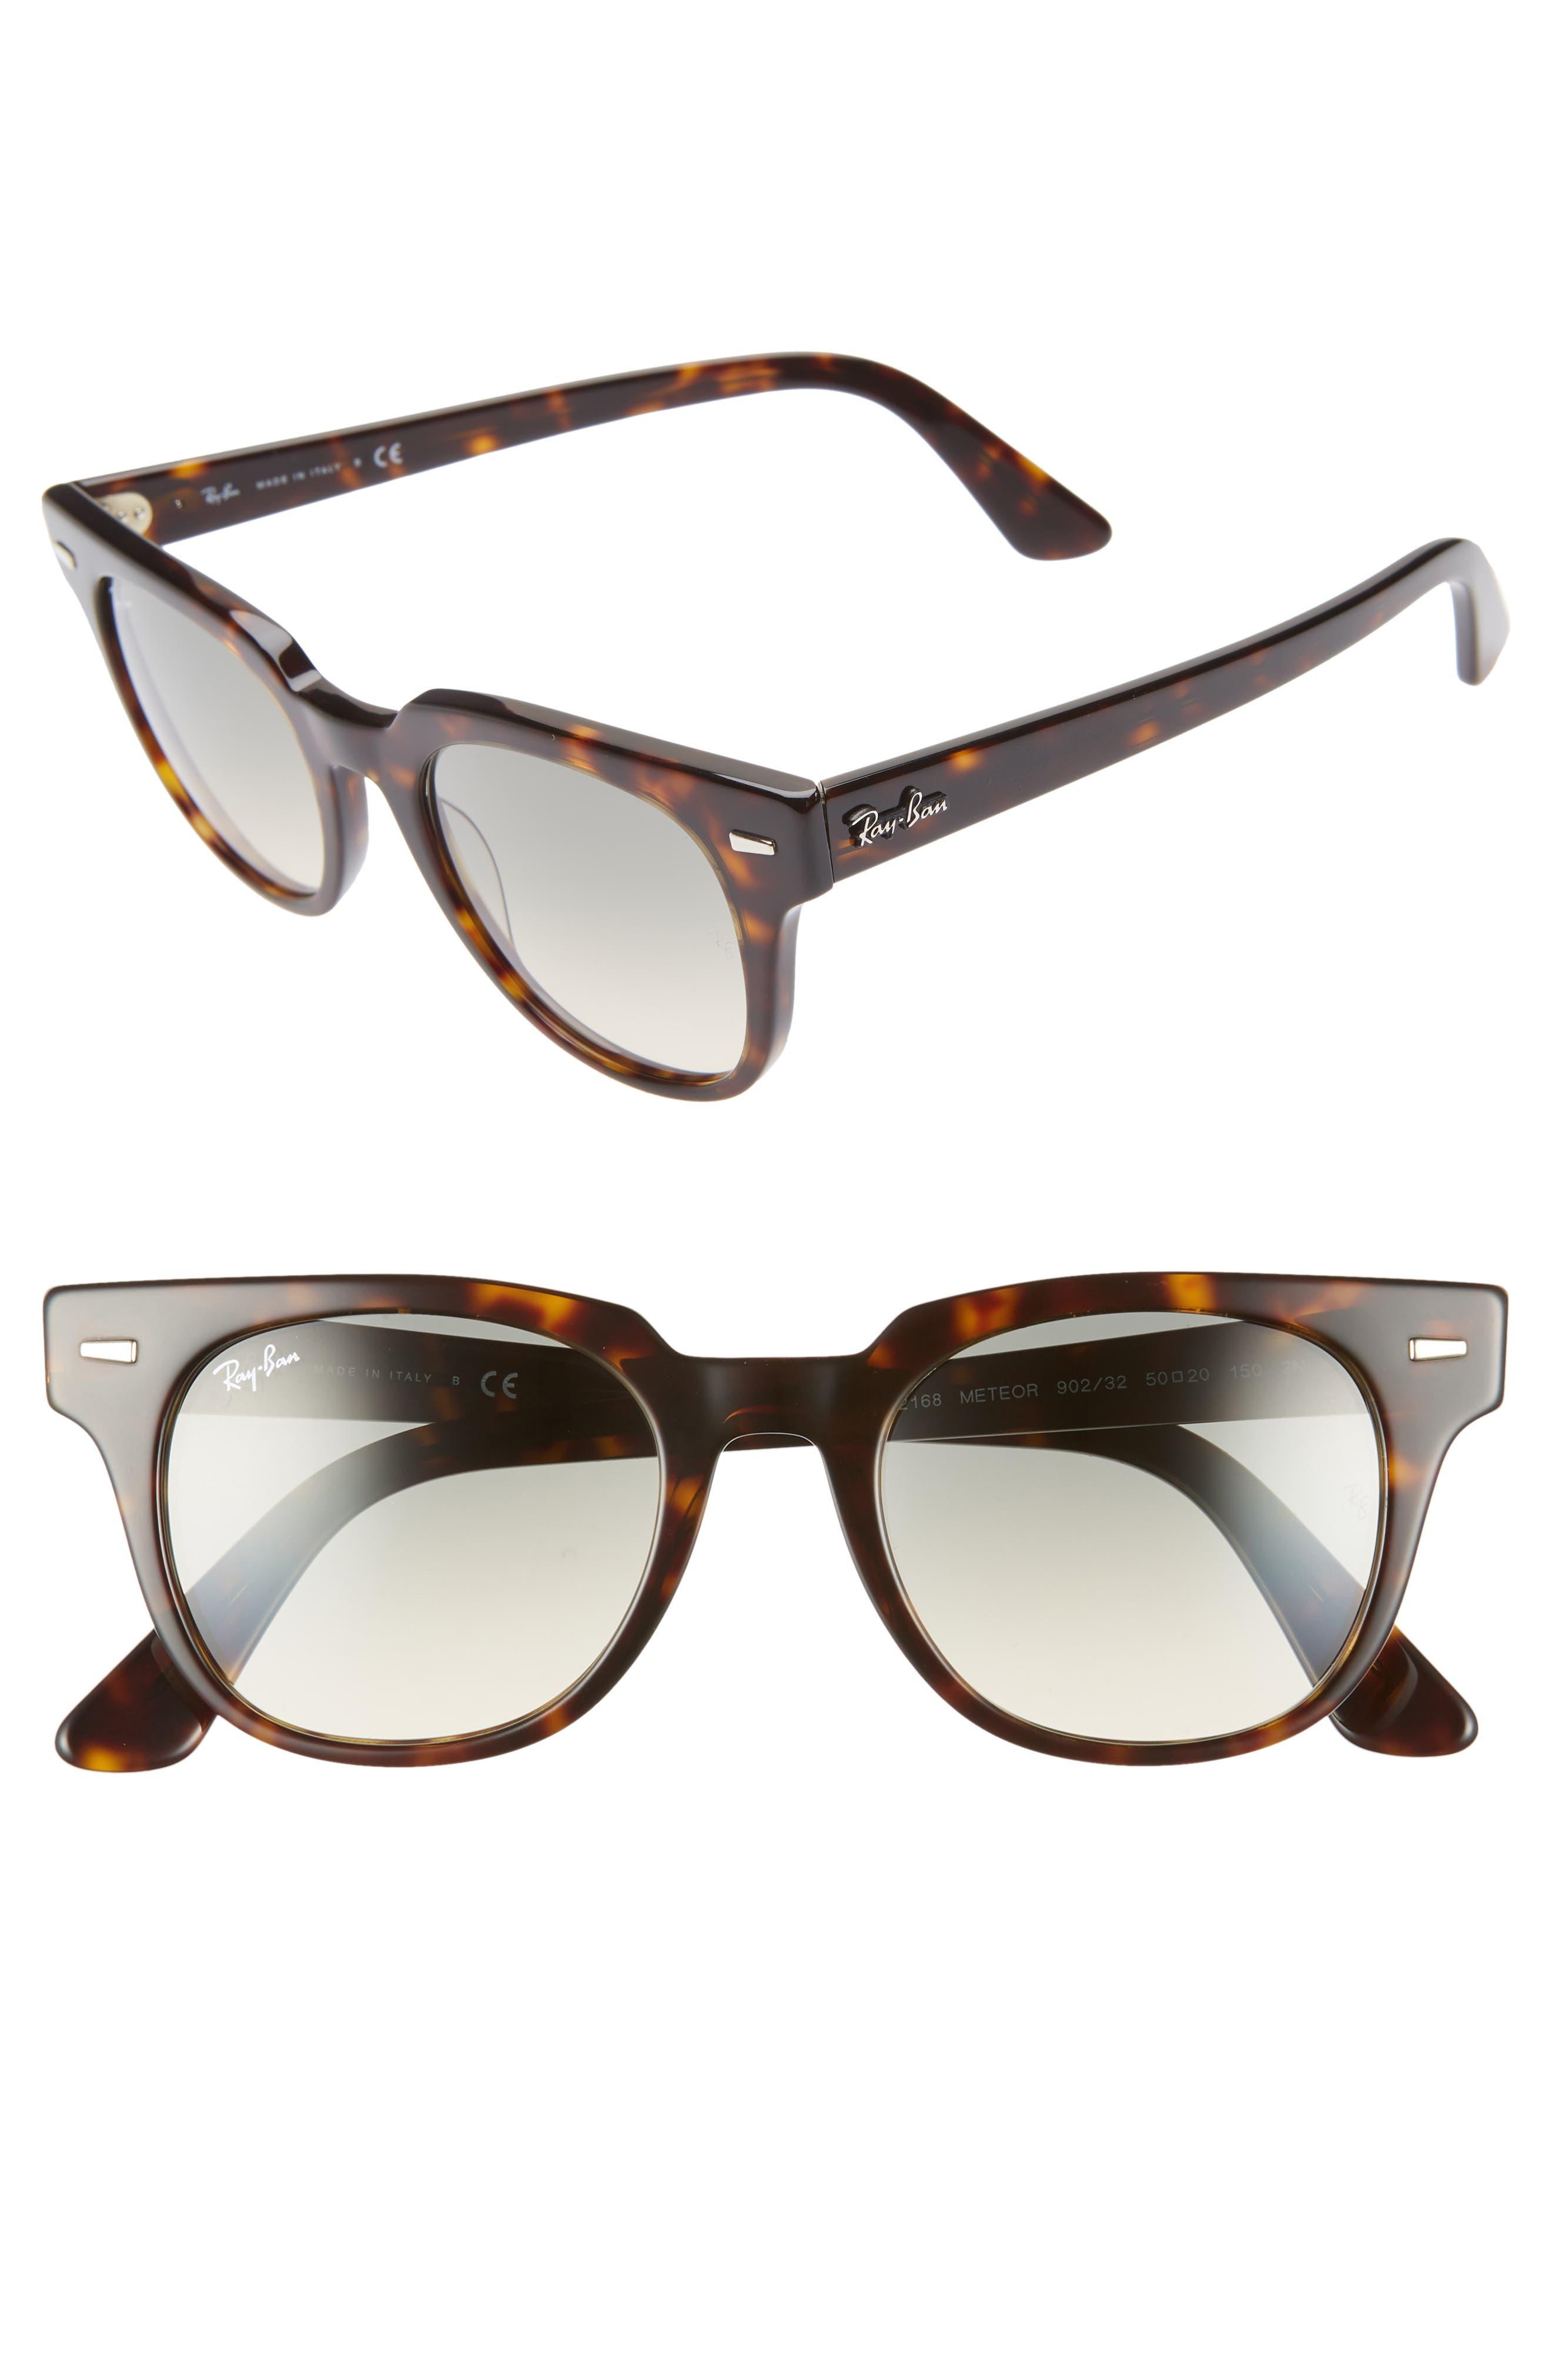 Ray-Ban Meteor 50Mm Gradient Wayfarer Sunglasses - Havana Gradient